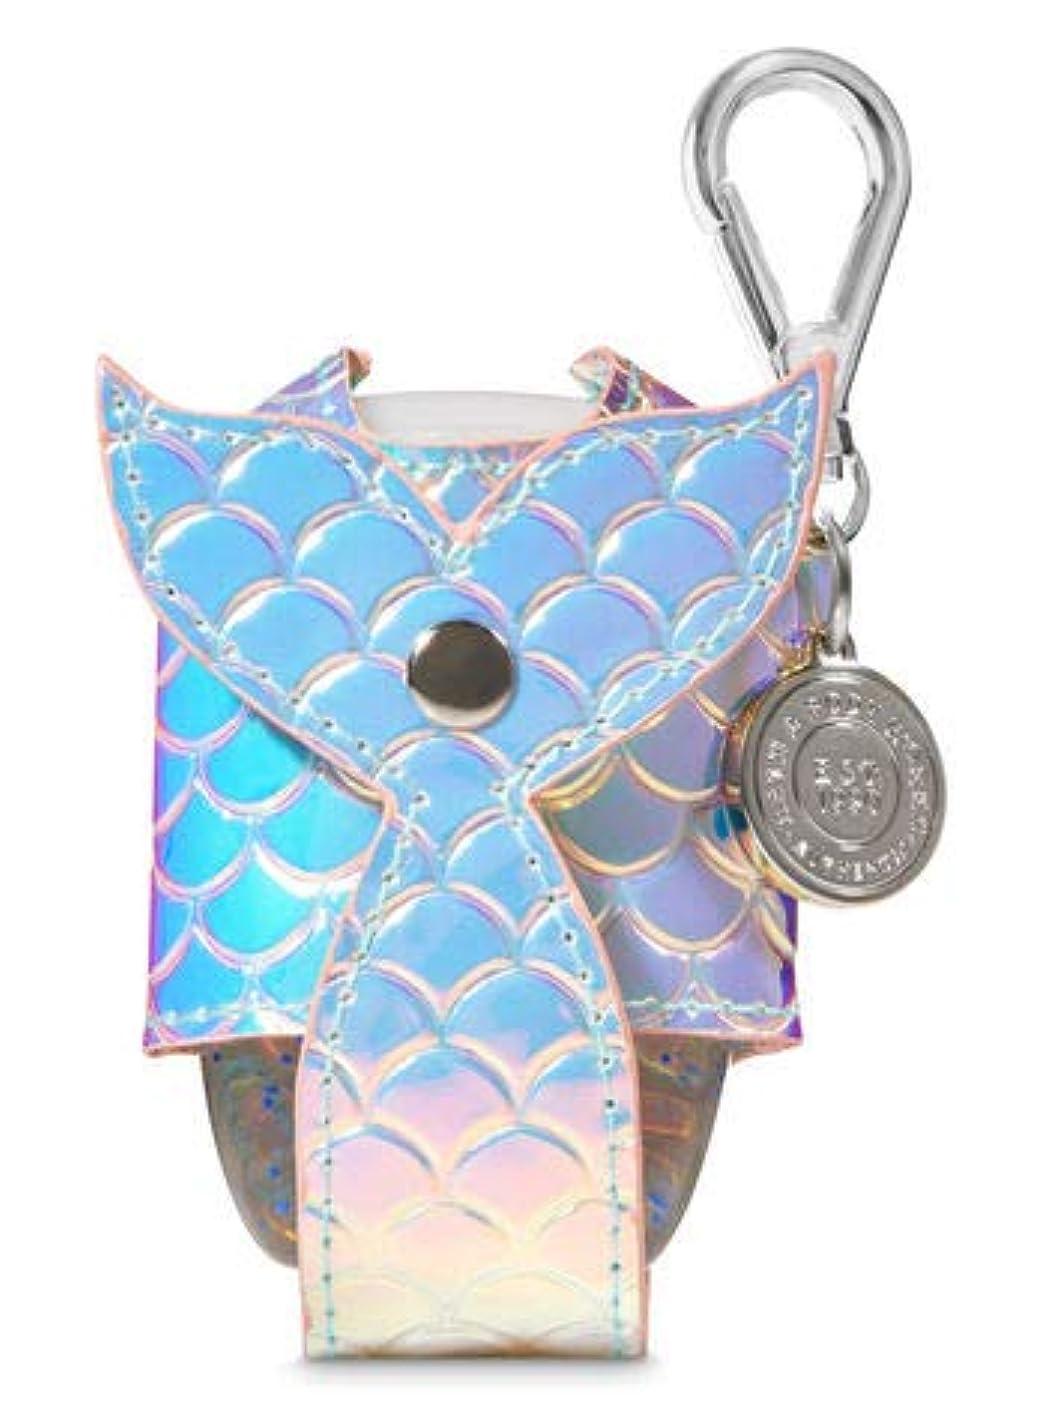 明示的にテンションペース【Bath&Body Works/バス&ボディワークス】 抗菌ハンドジェルホルダー 虹色 マーメイドテイル Pocketbac Holder Iridescent Mermaid Tail [並行輸入品]